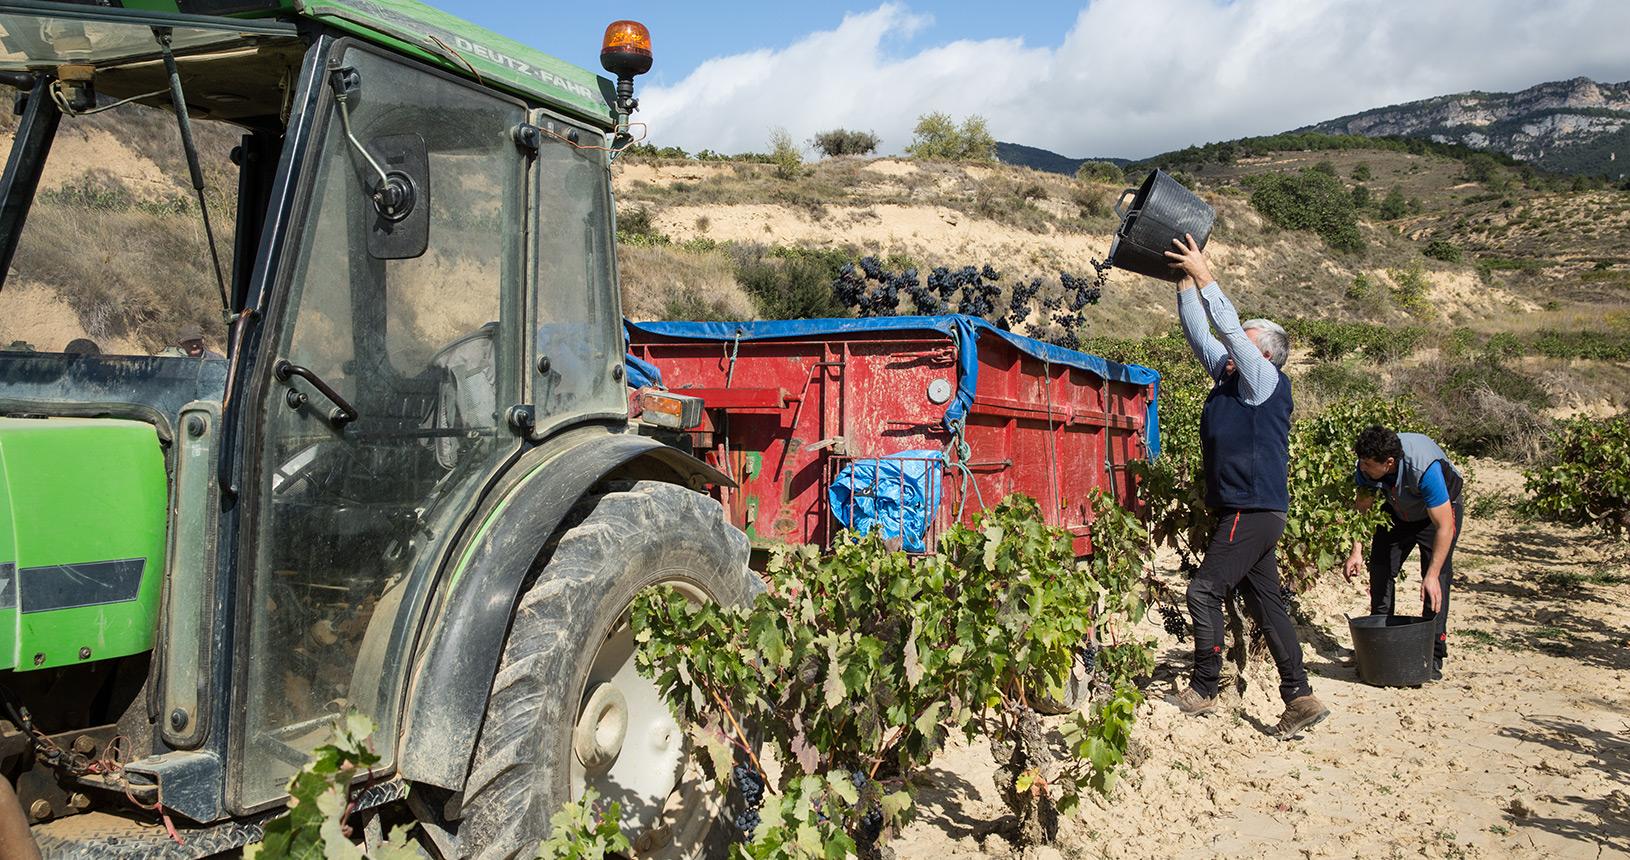 Labores de vendimia en los viñedos de Bodegas Eguíluz en Ábalos, La Rioja